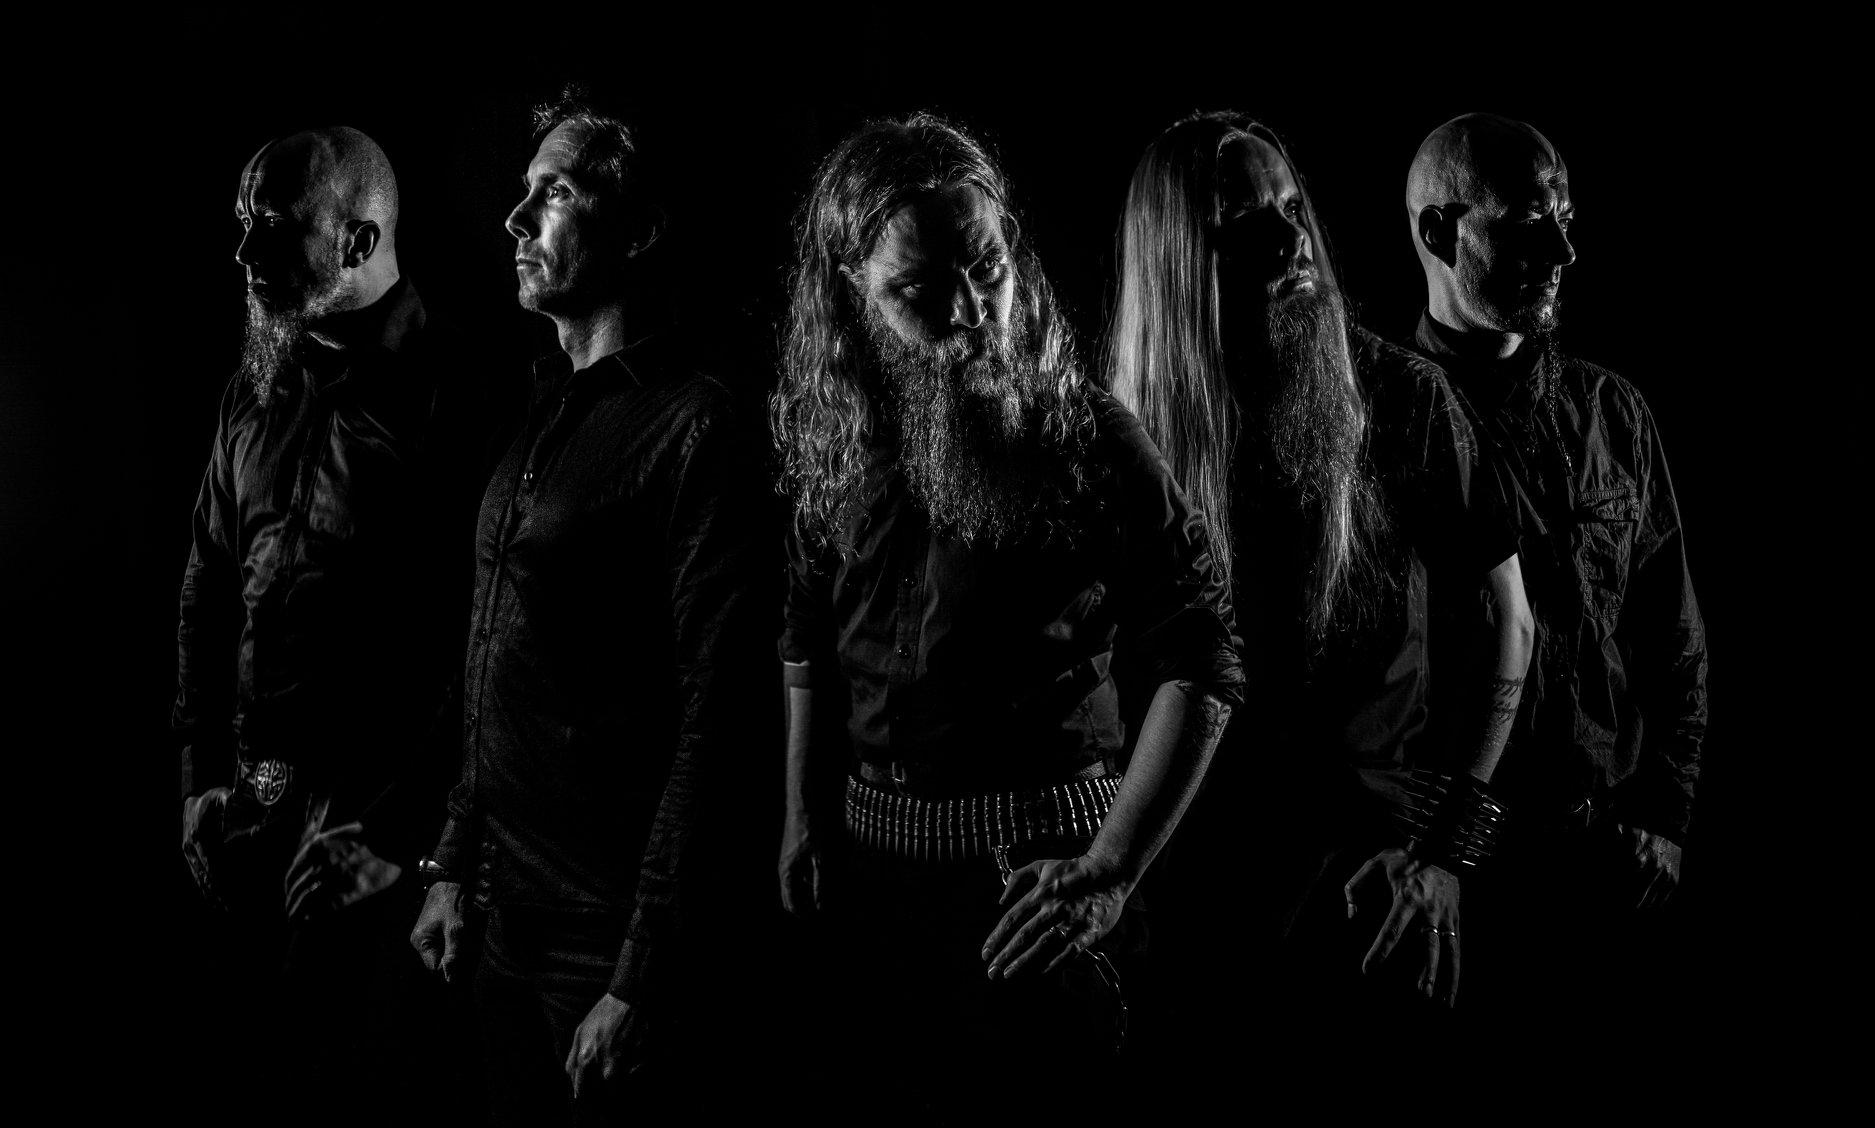 Kosmisen tyhjyyden ylistystä – black/death metal -yhtye Dark Elite julkaisi uuden musiikkivideon